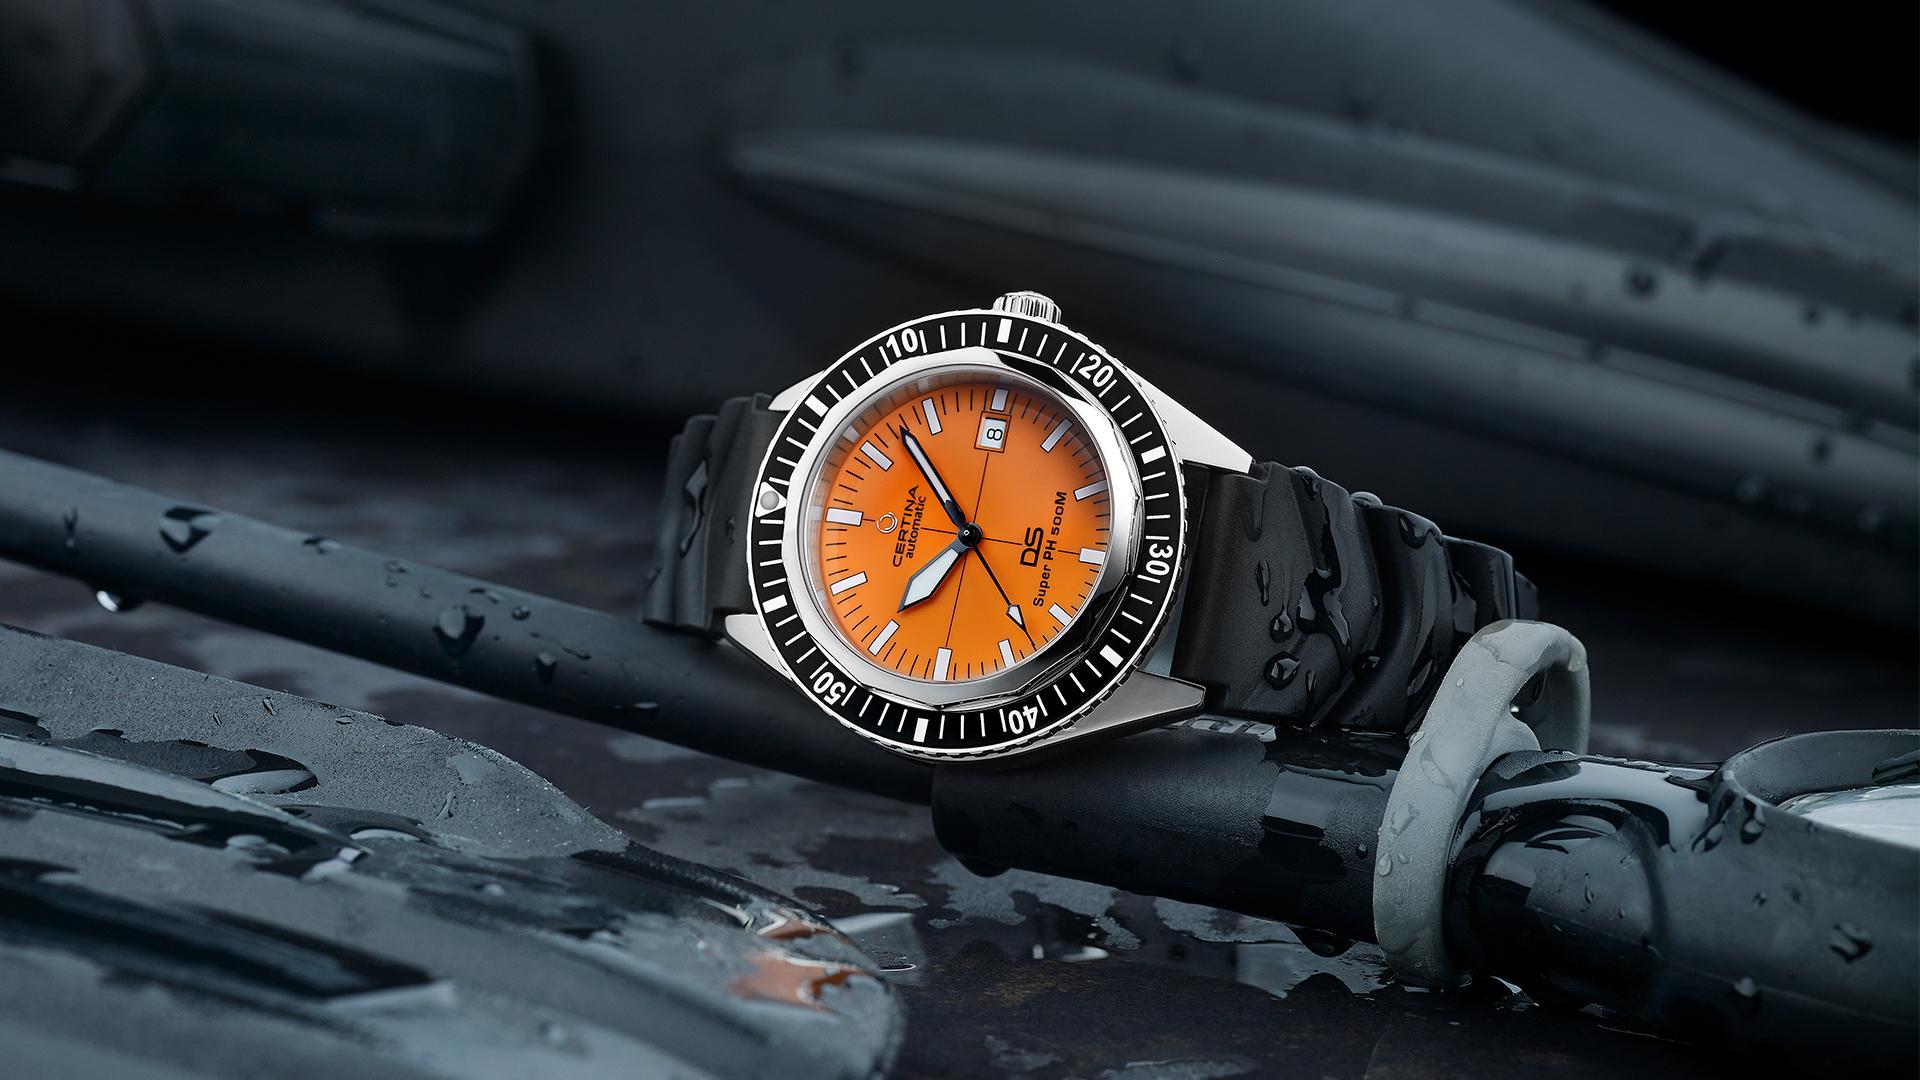 Certina DS Super PH500m dive watch